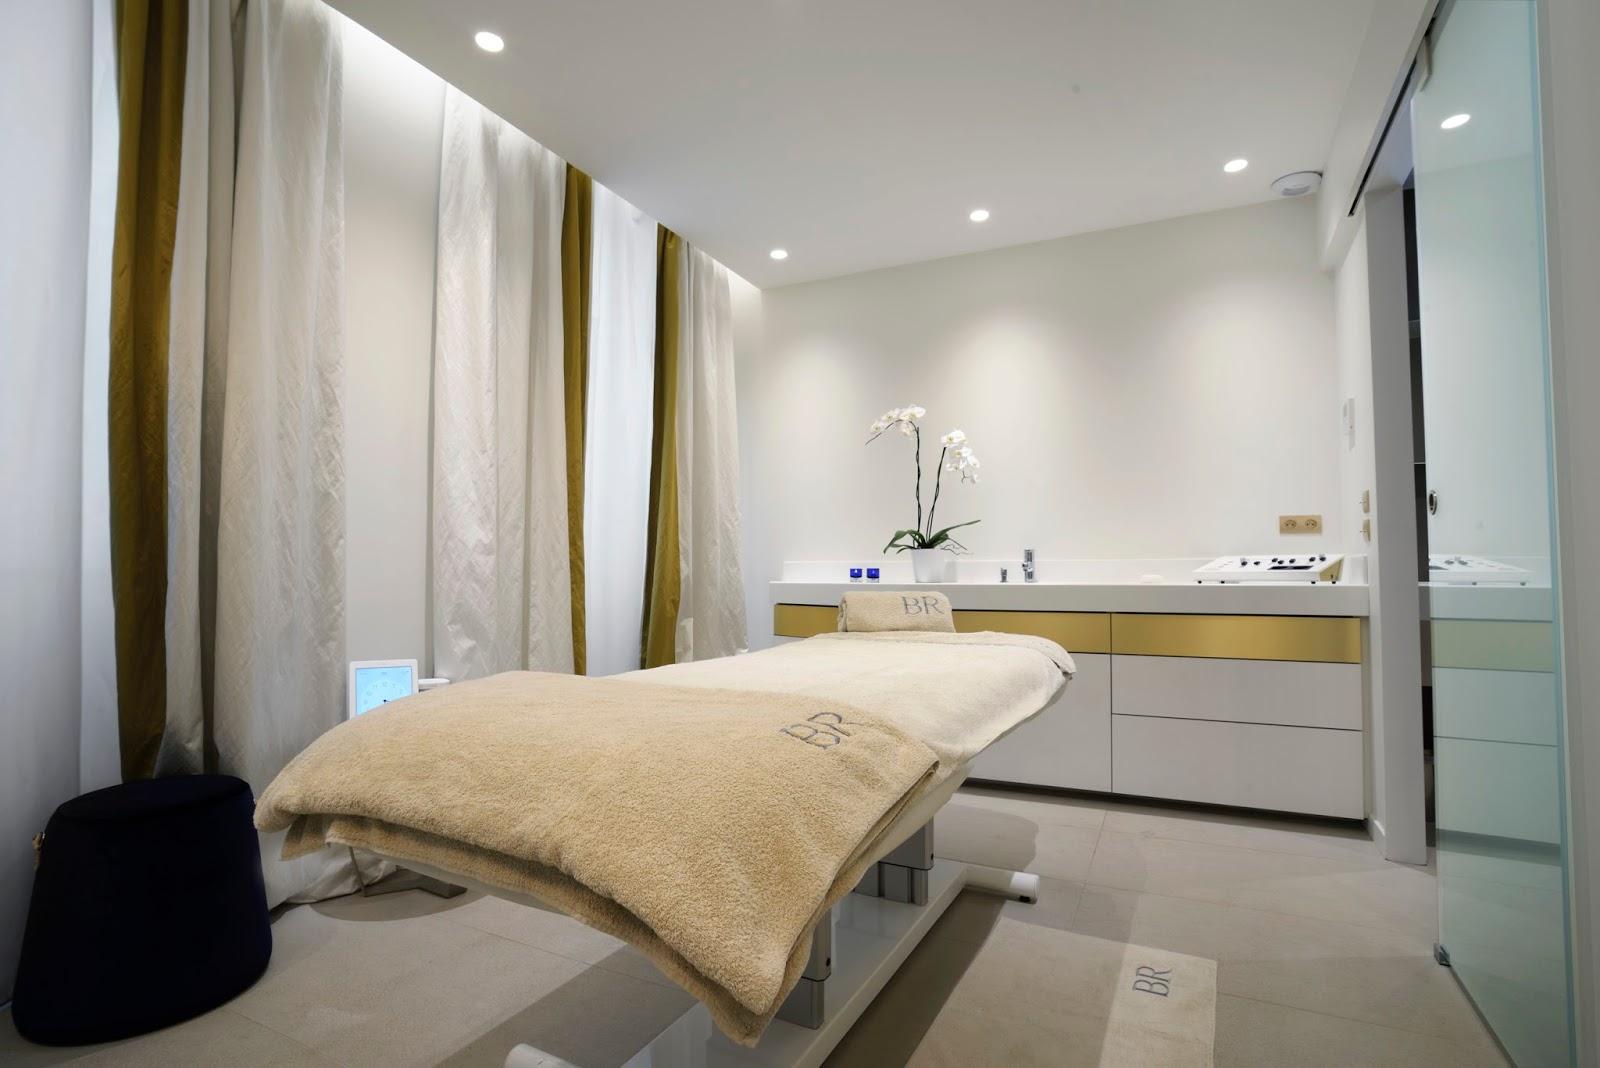 Biologique recherche luxury facial lemonaid lies for Beauty salon bed